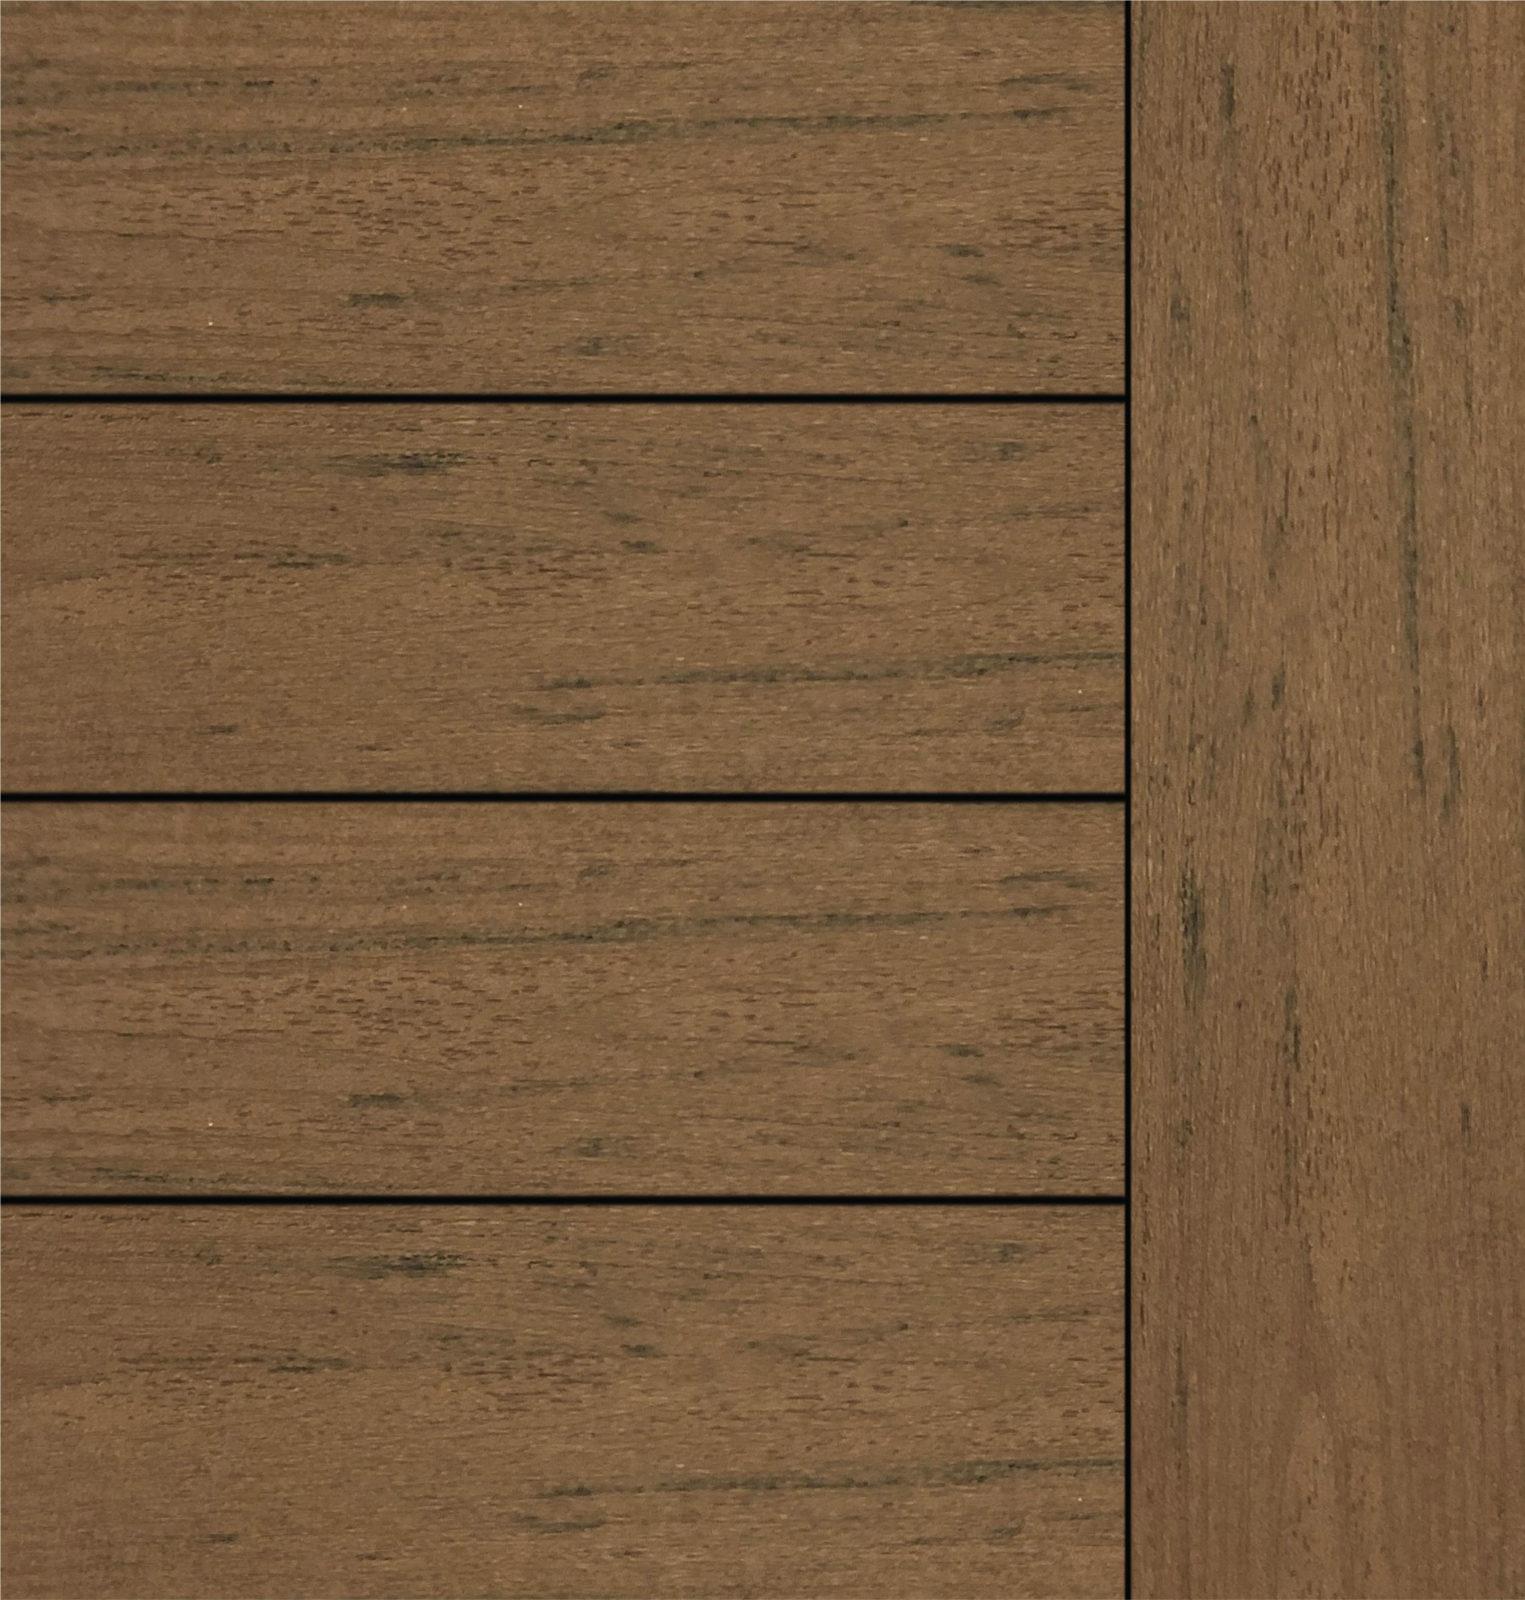 Timbertech Terrain Brown Oak Grooved 12 Schillings